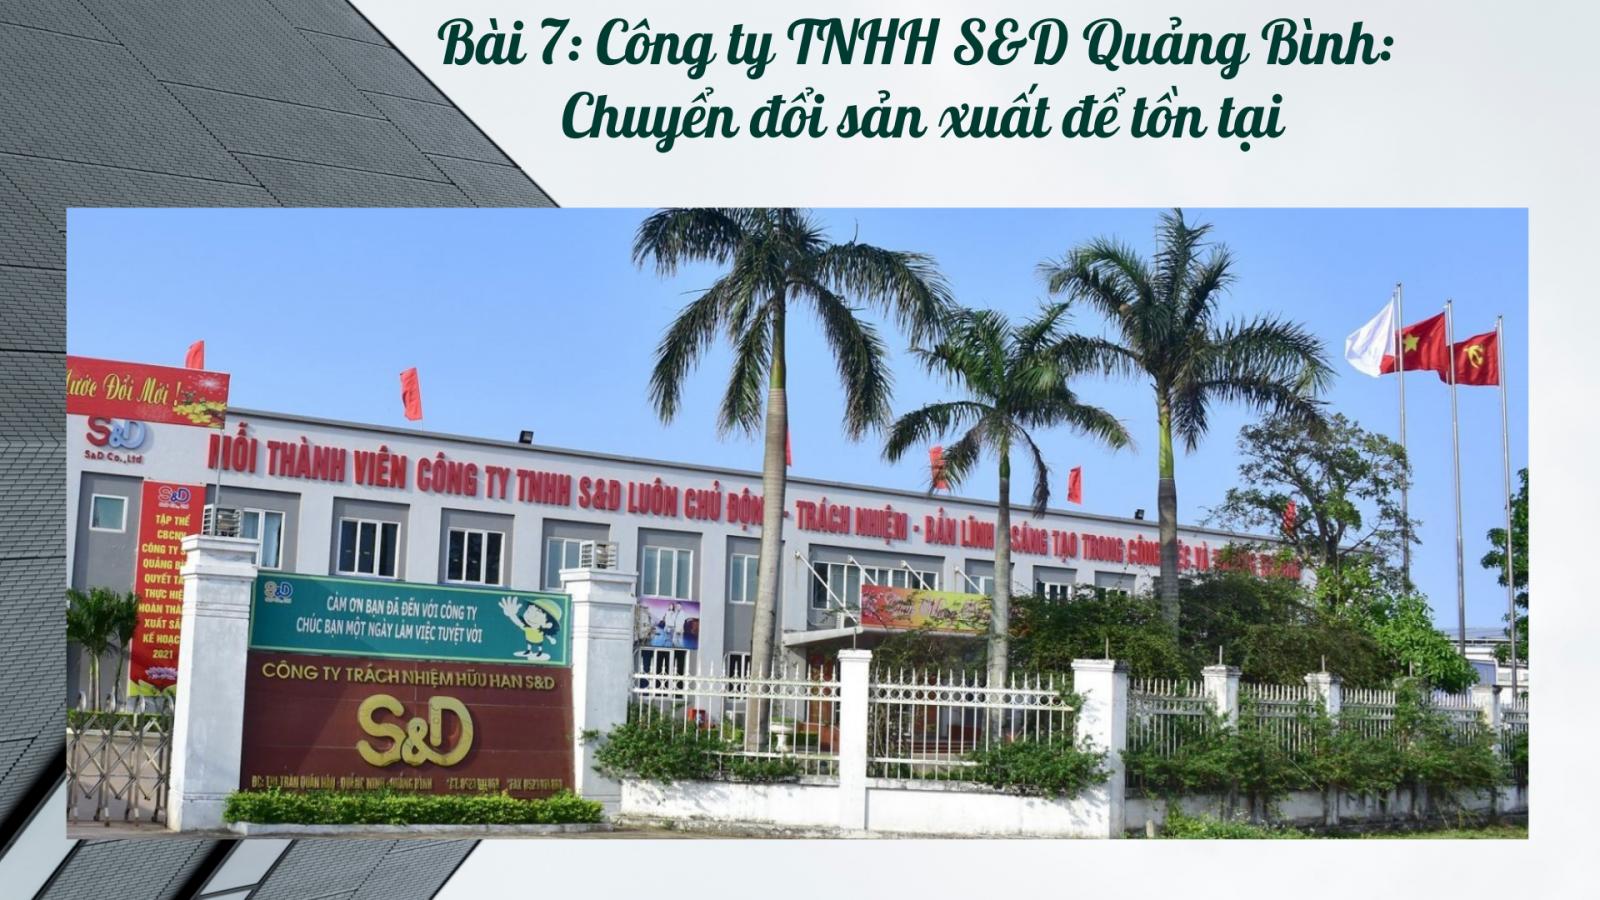 Bài 7: Công ty TNHH S&D Quảng Bình: Chuyển đổi sản xuất để tồn tại